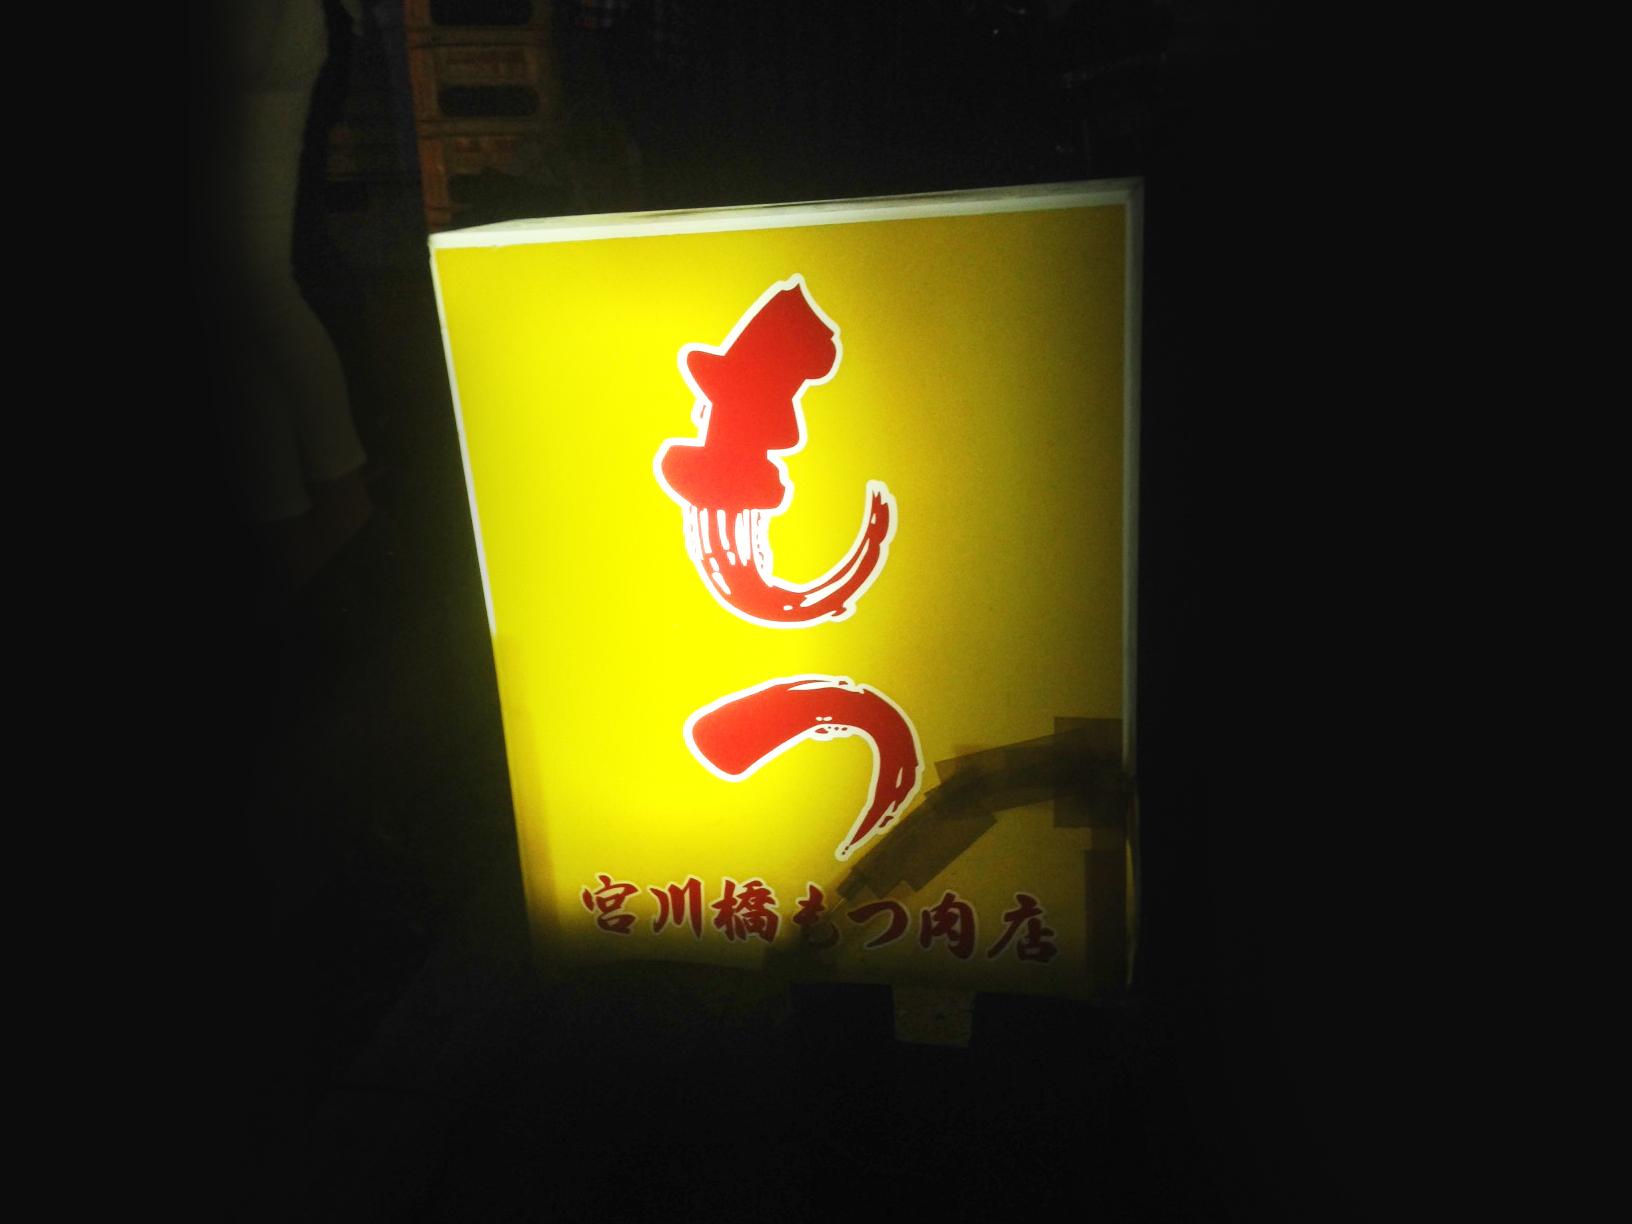 宮川橋もつ肉店看板